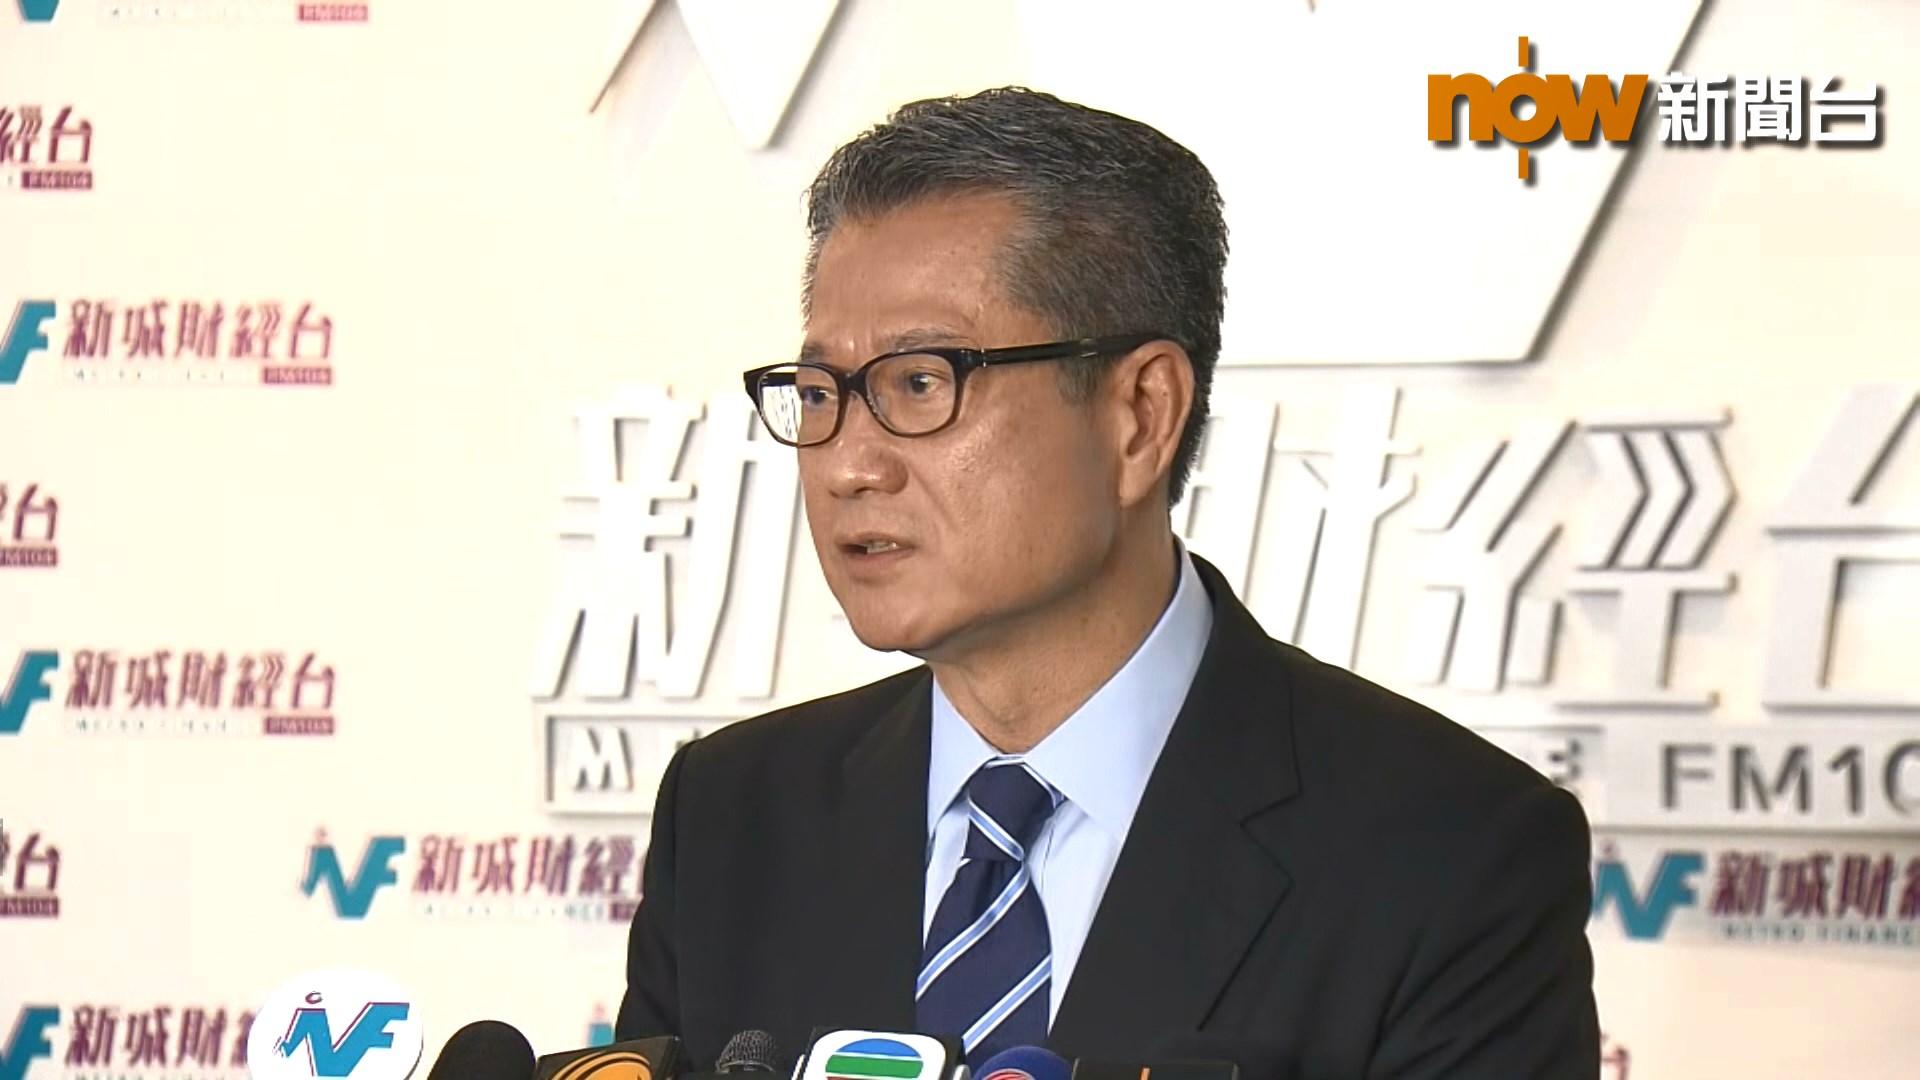 陳茂波:考慮未來基金投資本地創科